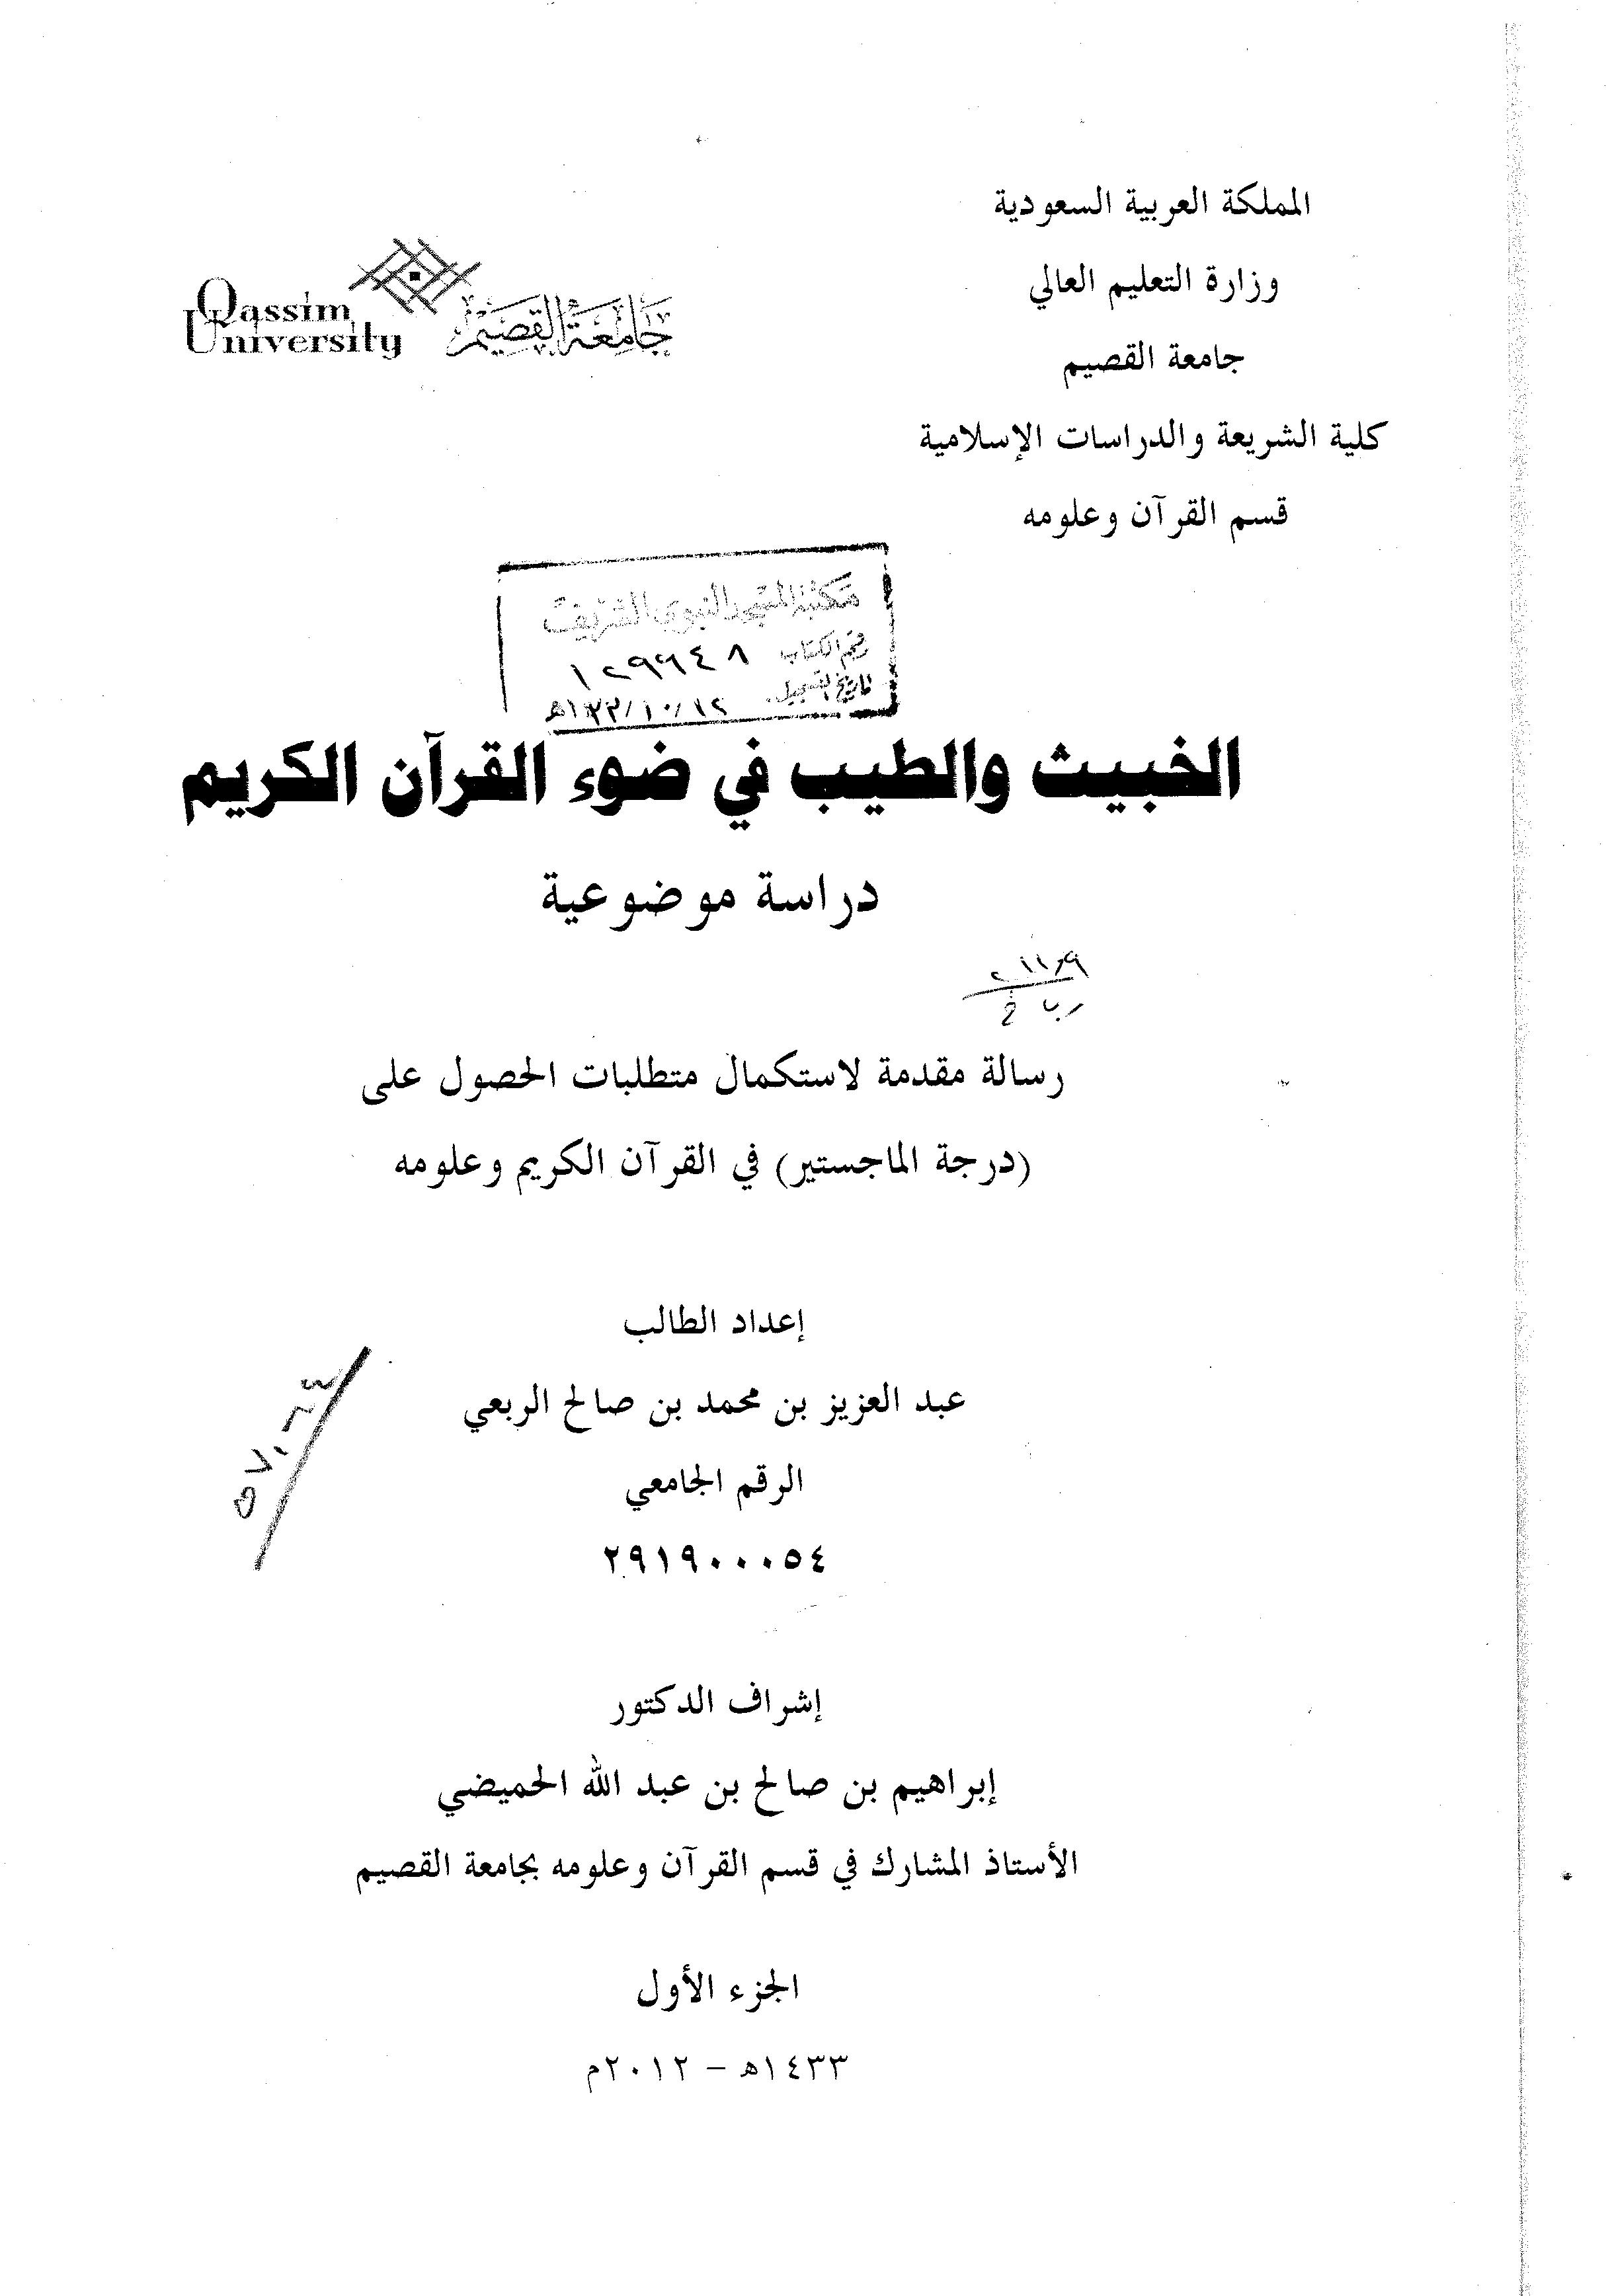 تحميل كتاب الخبيث والطيب في ضوء القرآن الكريم (دراسة موضوعية) لـِ: عبد العزيز بن محمد بن صالح الربعي